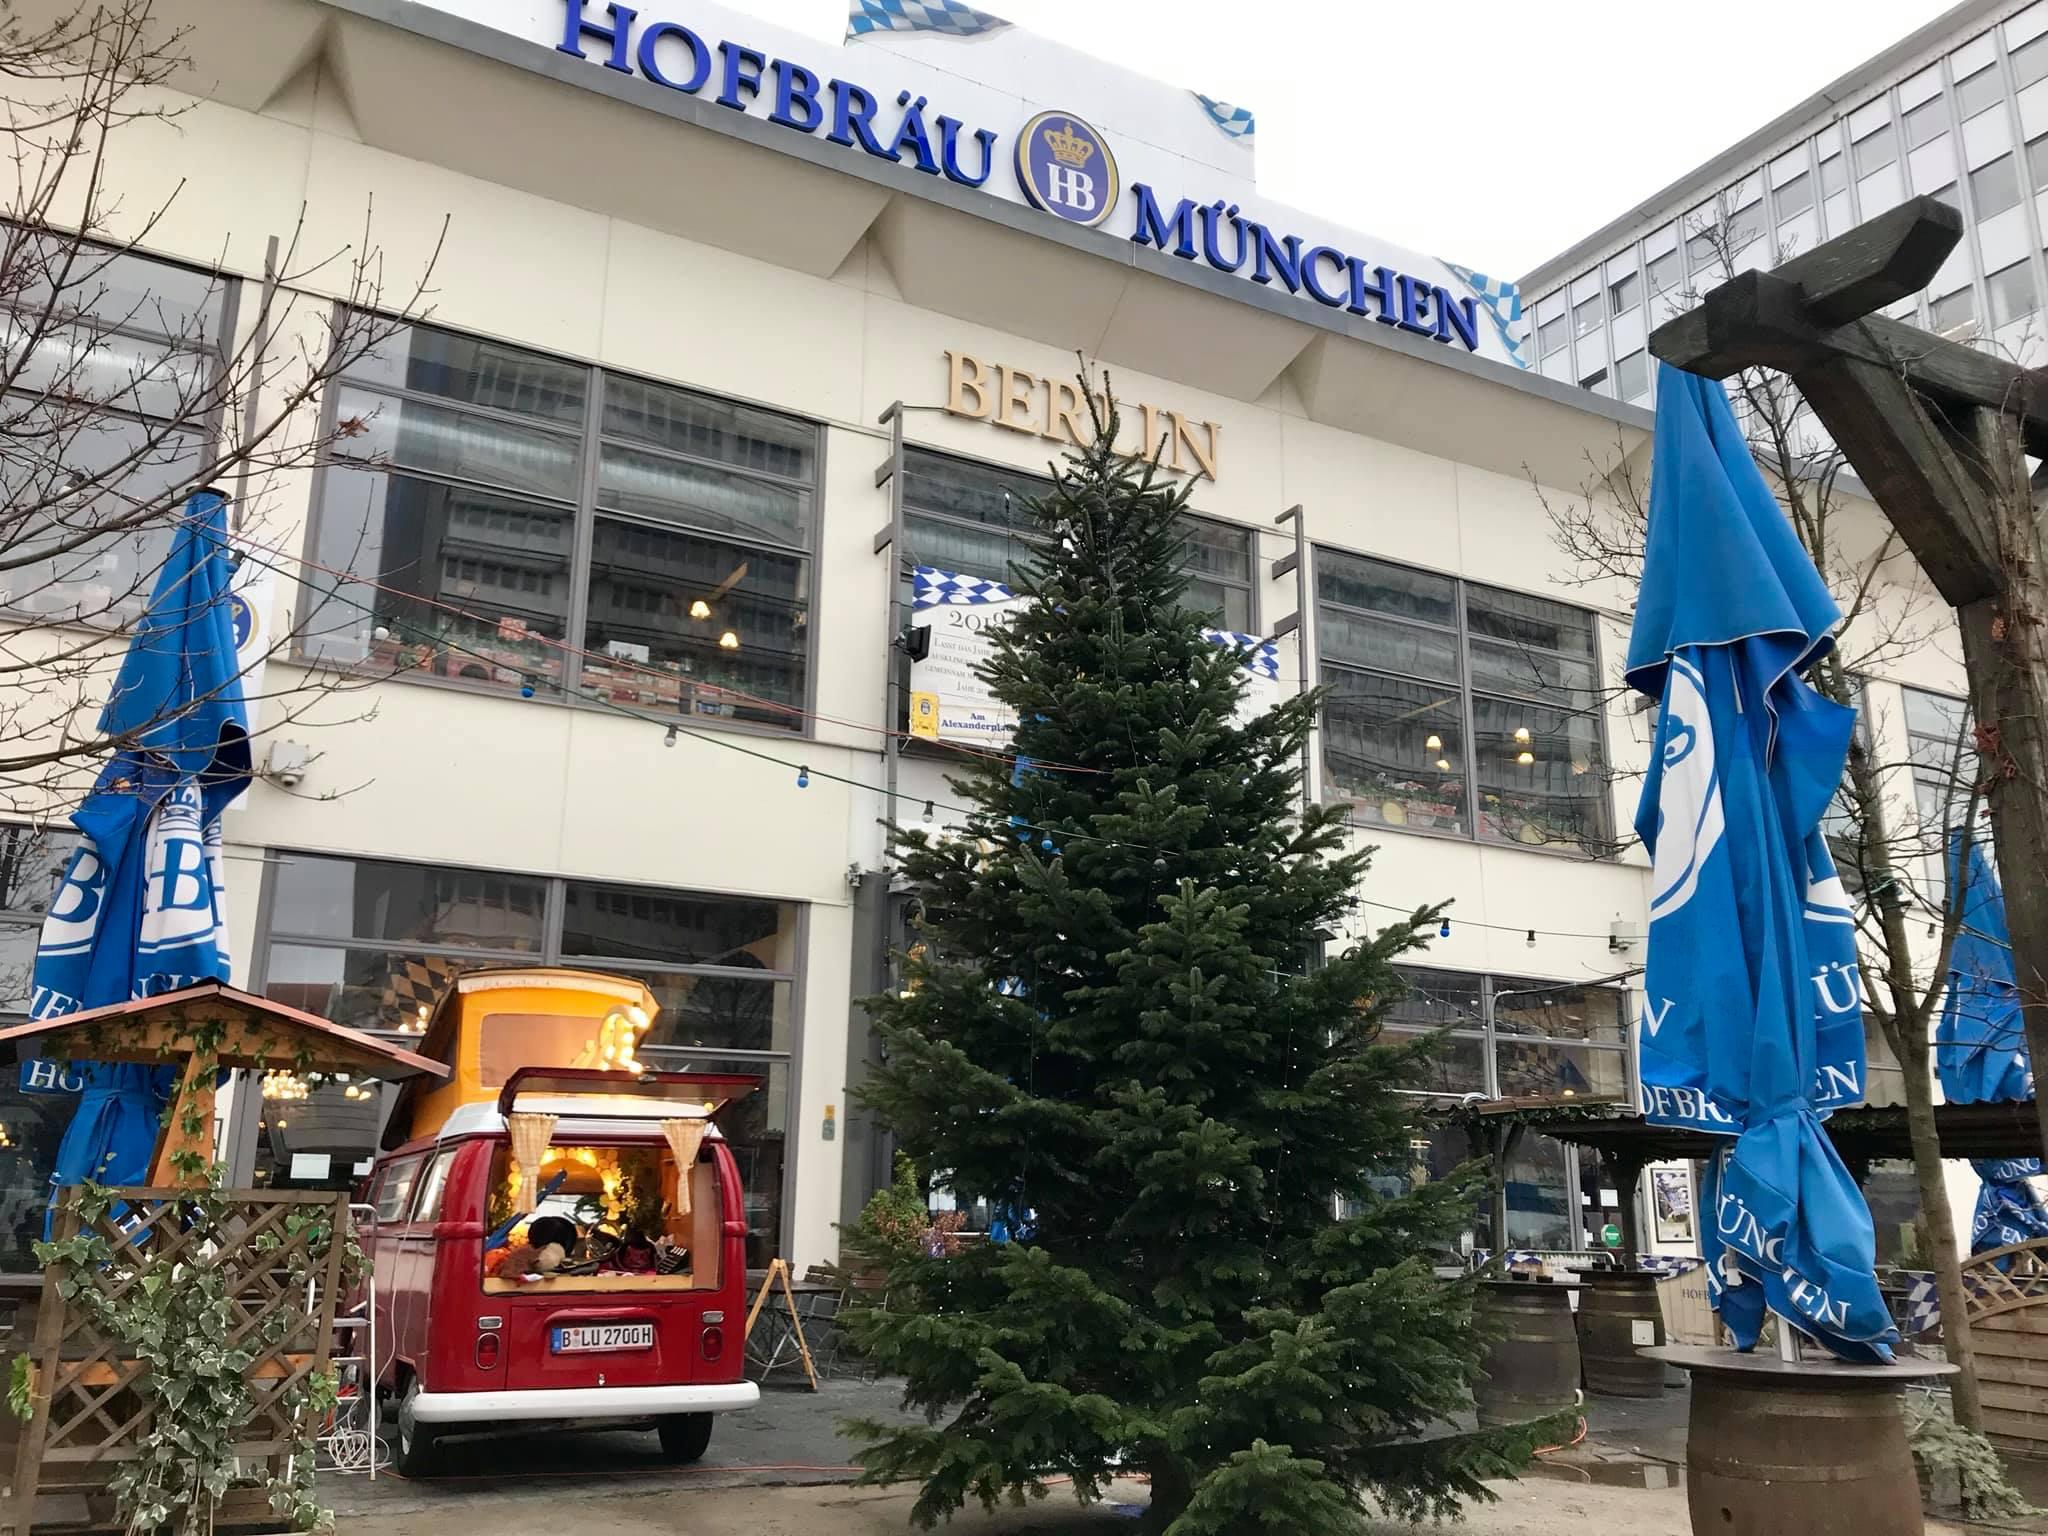 Frohe Weihnachten Berlin.Frohe Weihnachten Old Bulli Berlin